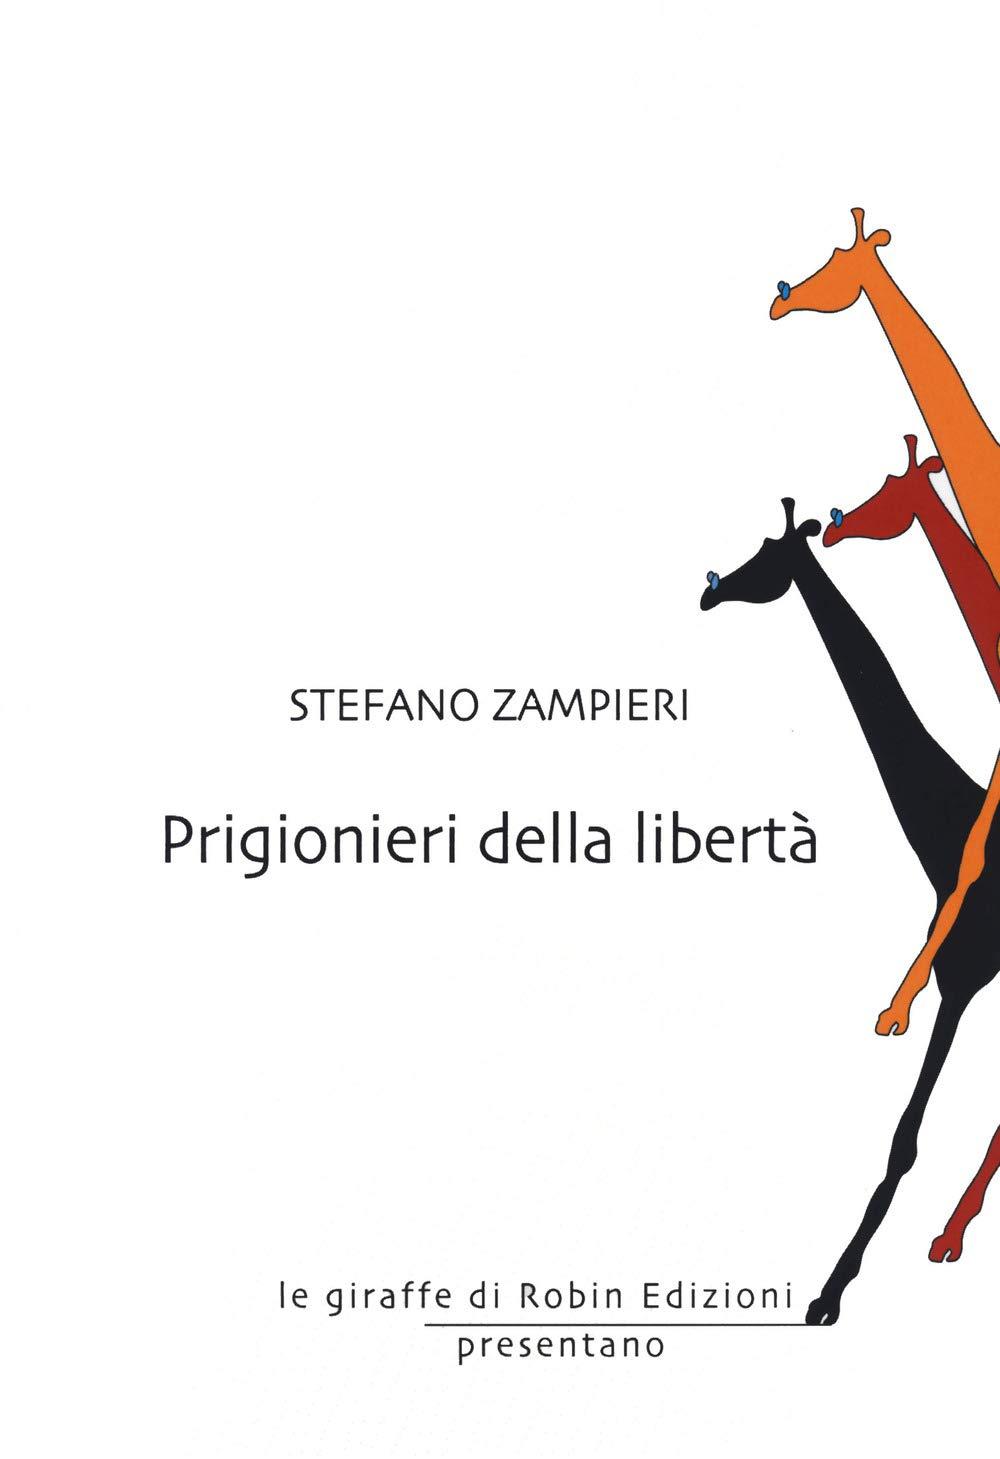 Amazon.it: Prigionieri della libertà - Zampieri, Stefano - Libri